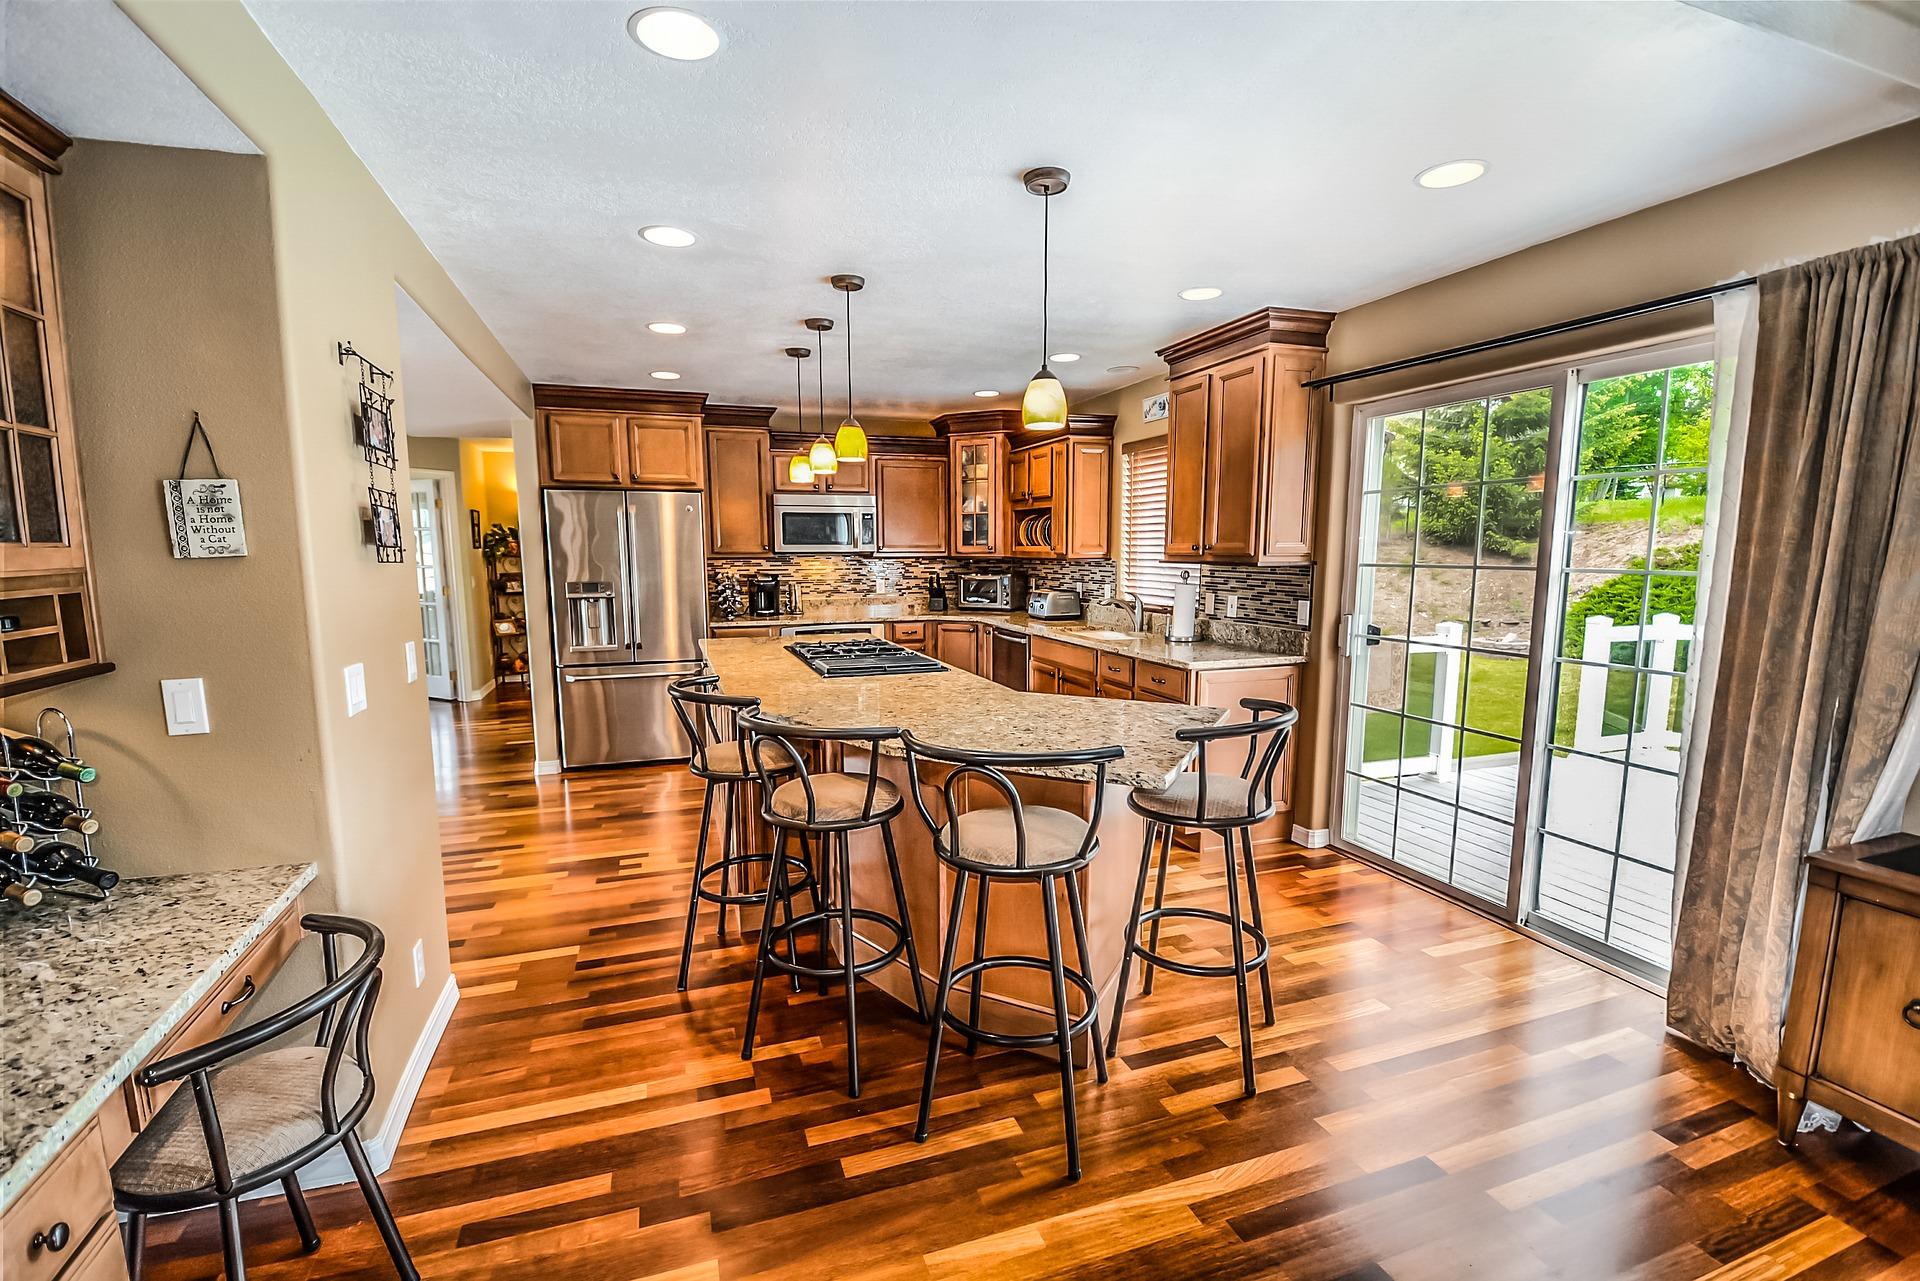 kitchen-2495602_1920